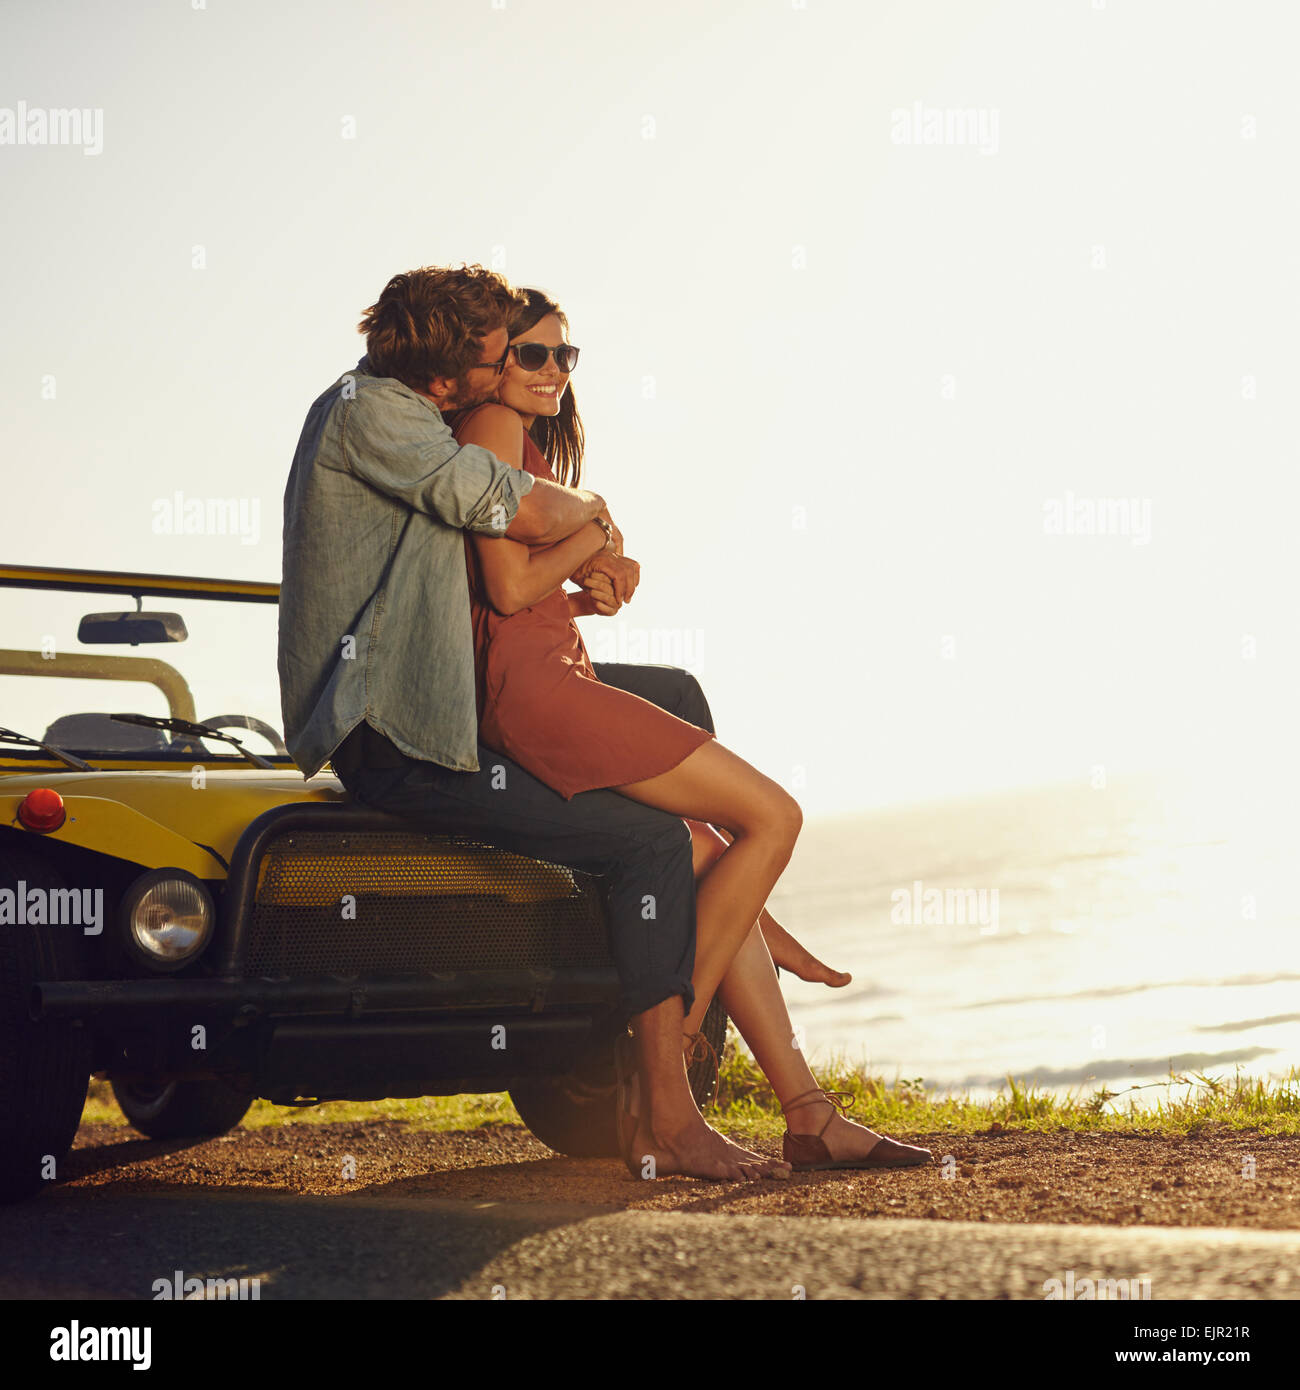 Pareja joven en amor abrazar y besar. Joven Hombre y mujer sentada sobre su coche campana. Romántica pareja Imagen De Stock